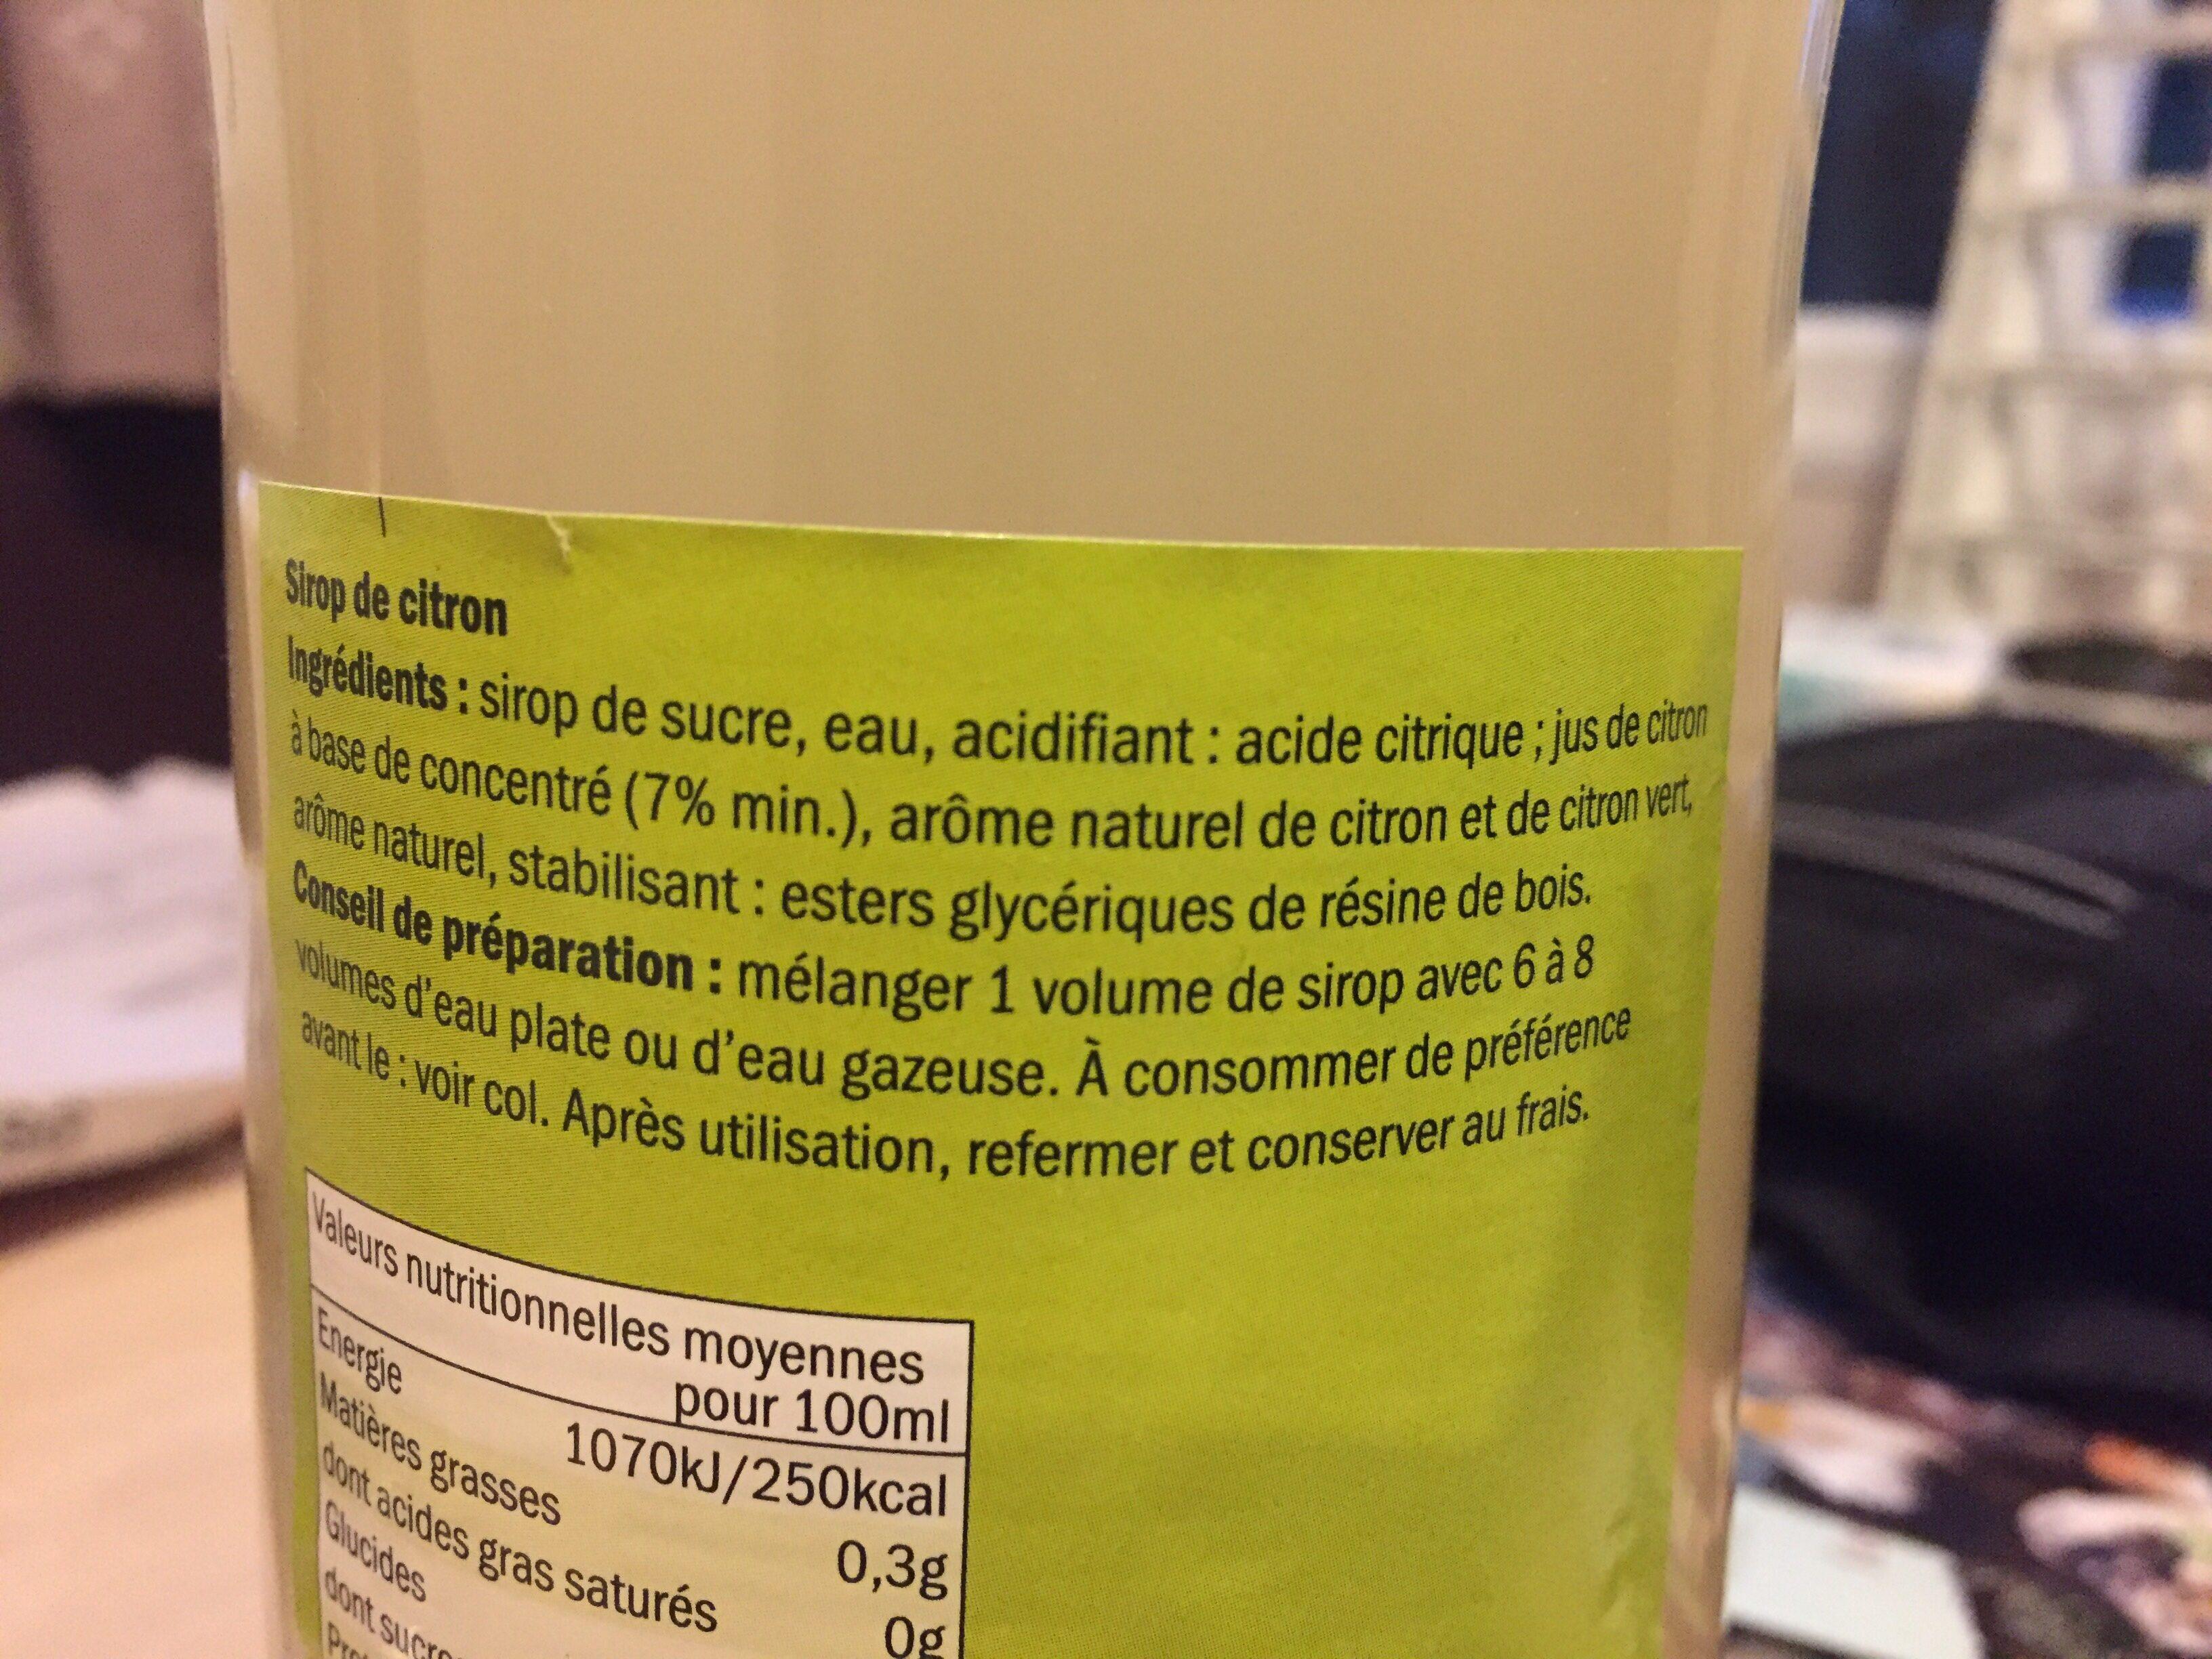 Sirop de citron - Ingredients - fr